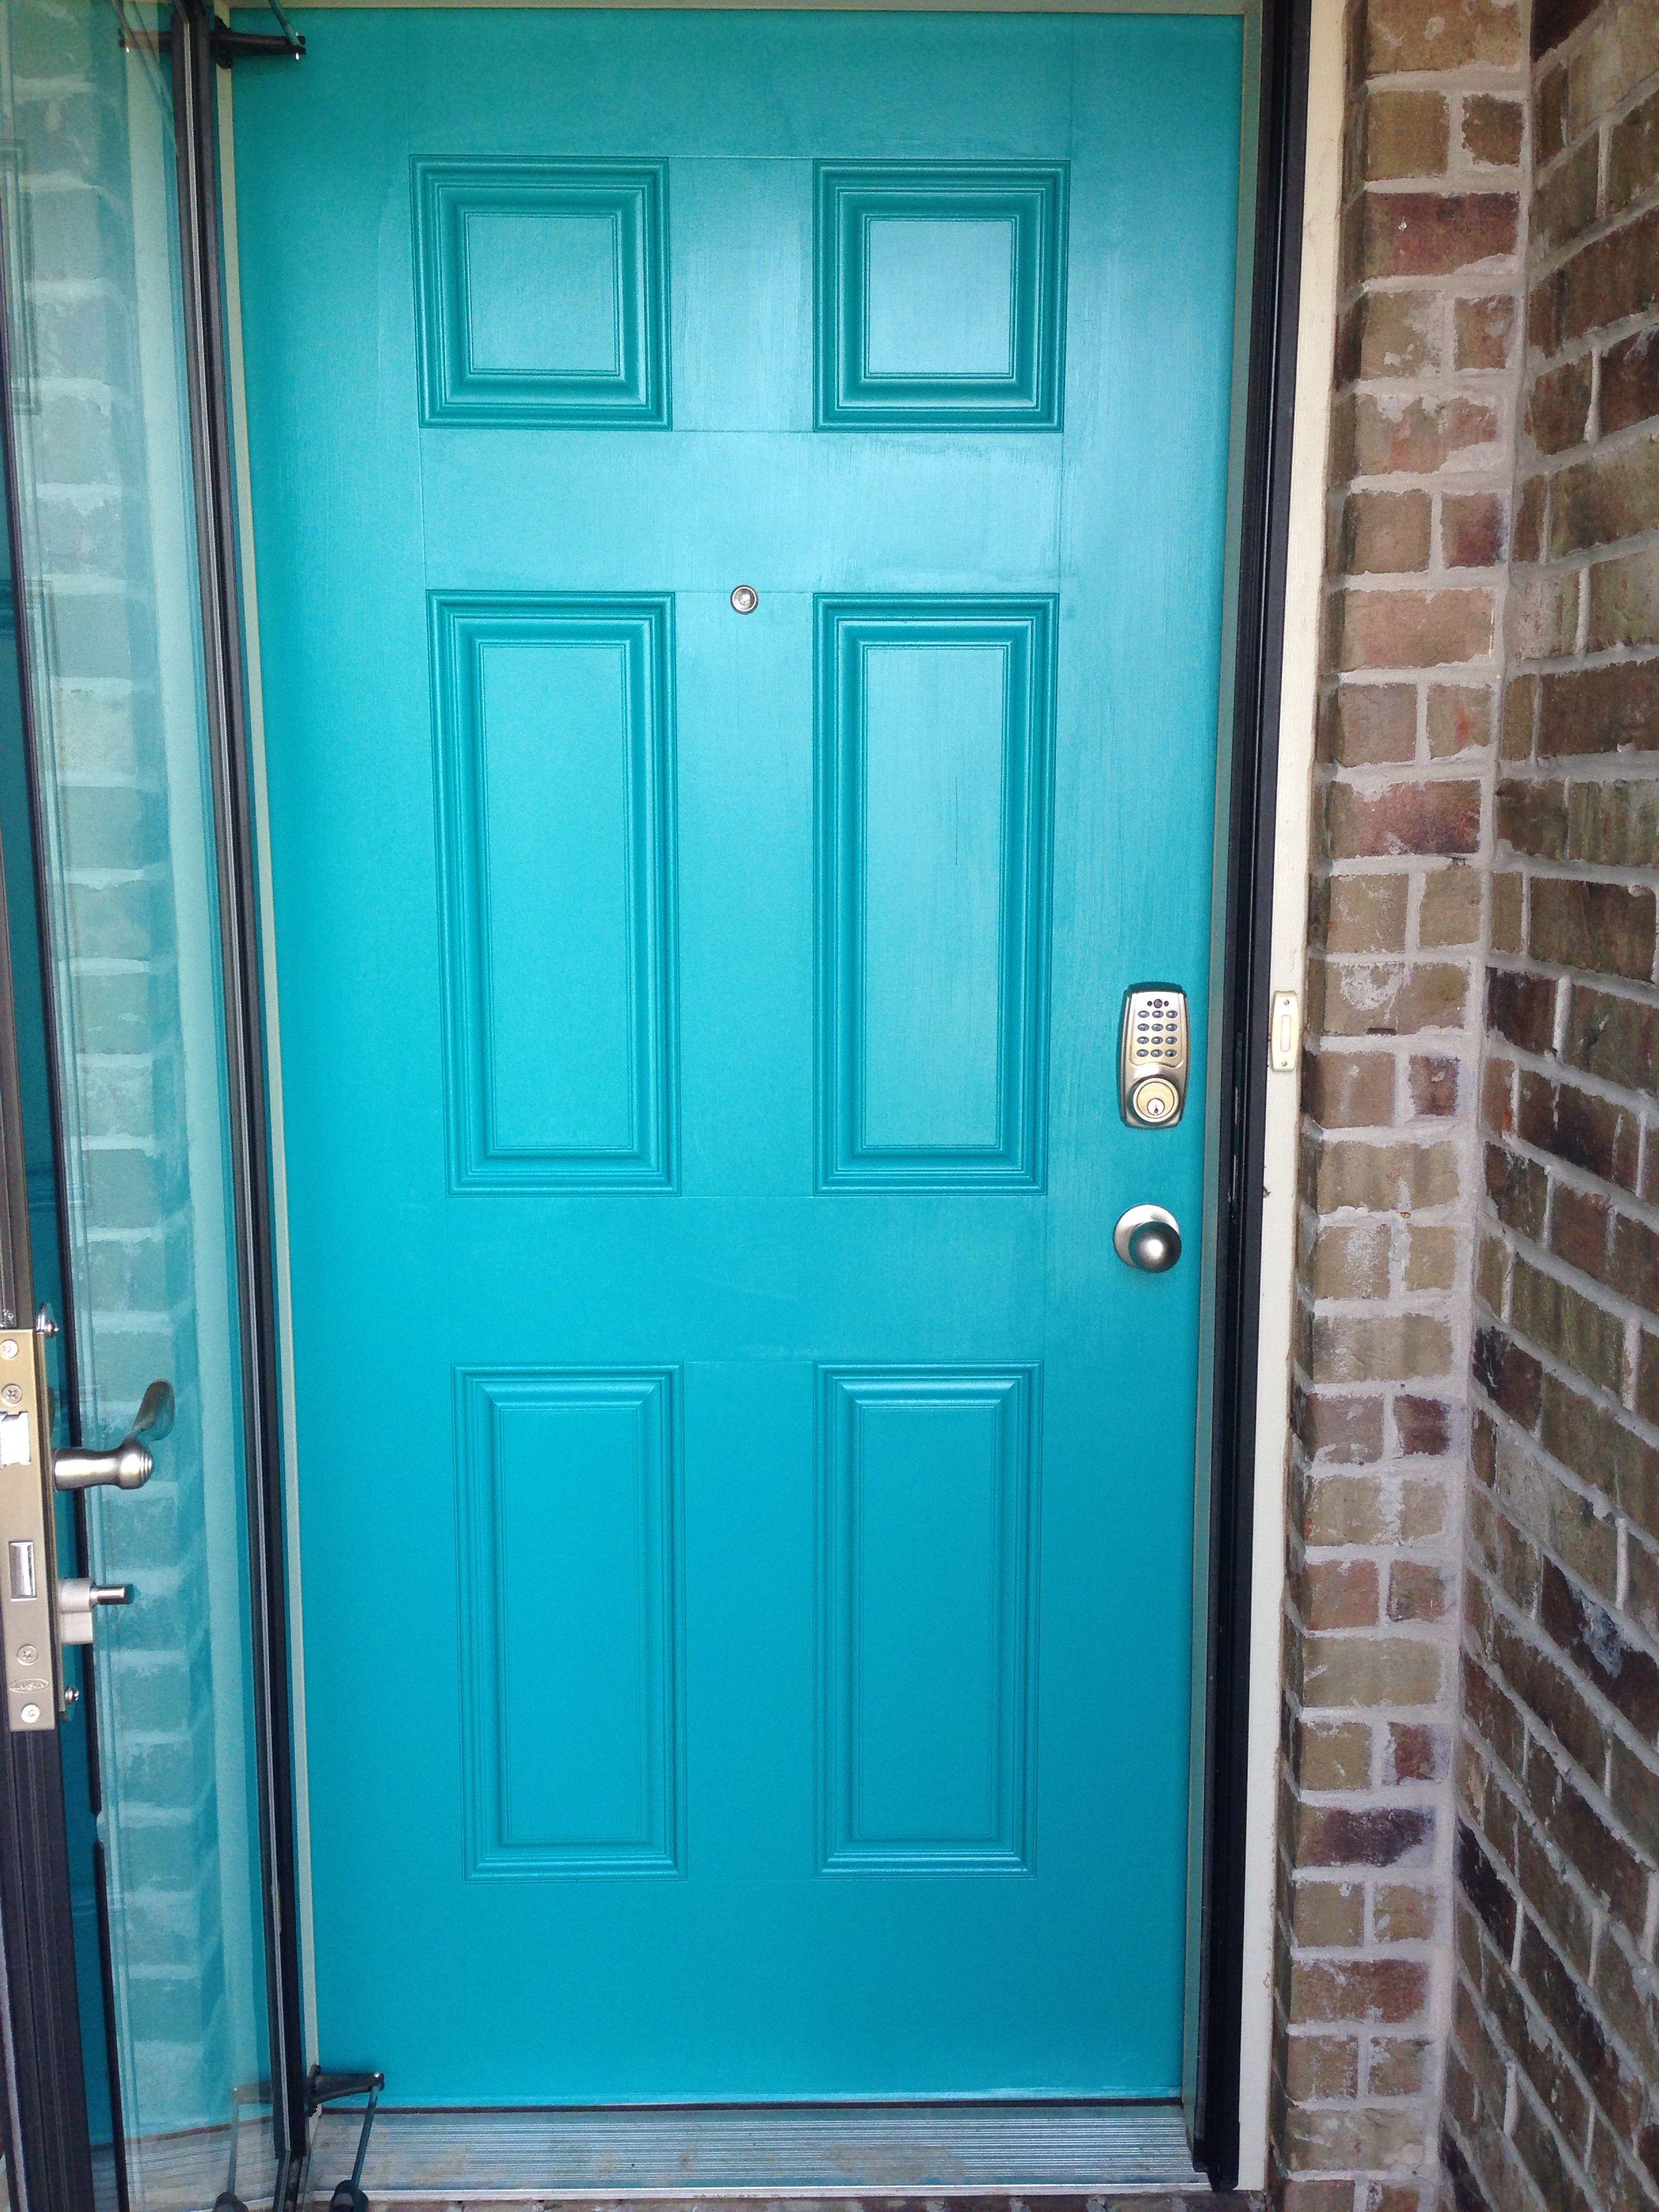 Valspar Turquoise Spray Paint La Fonda Turquoise Valspar Front Door For The Home Pinterest